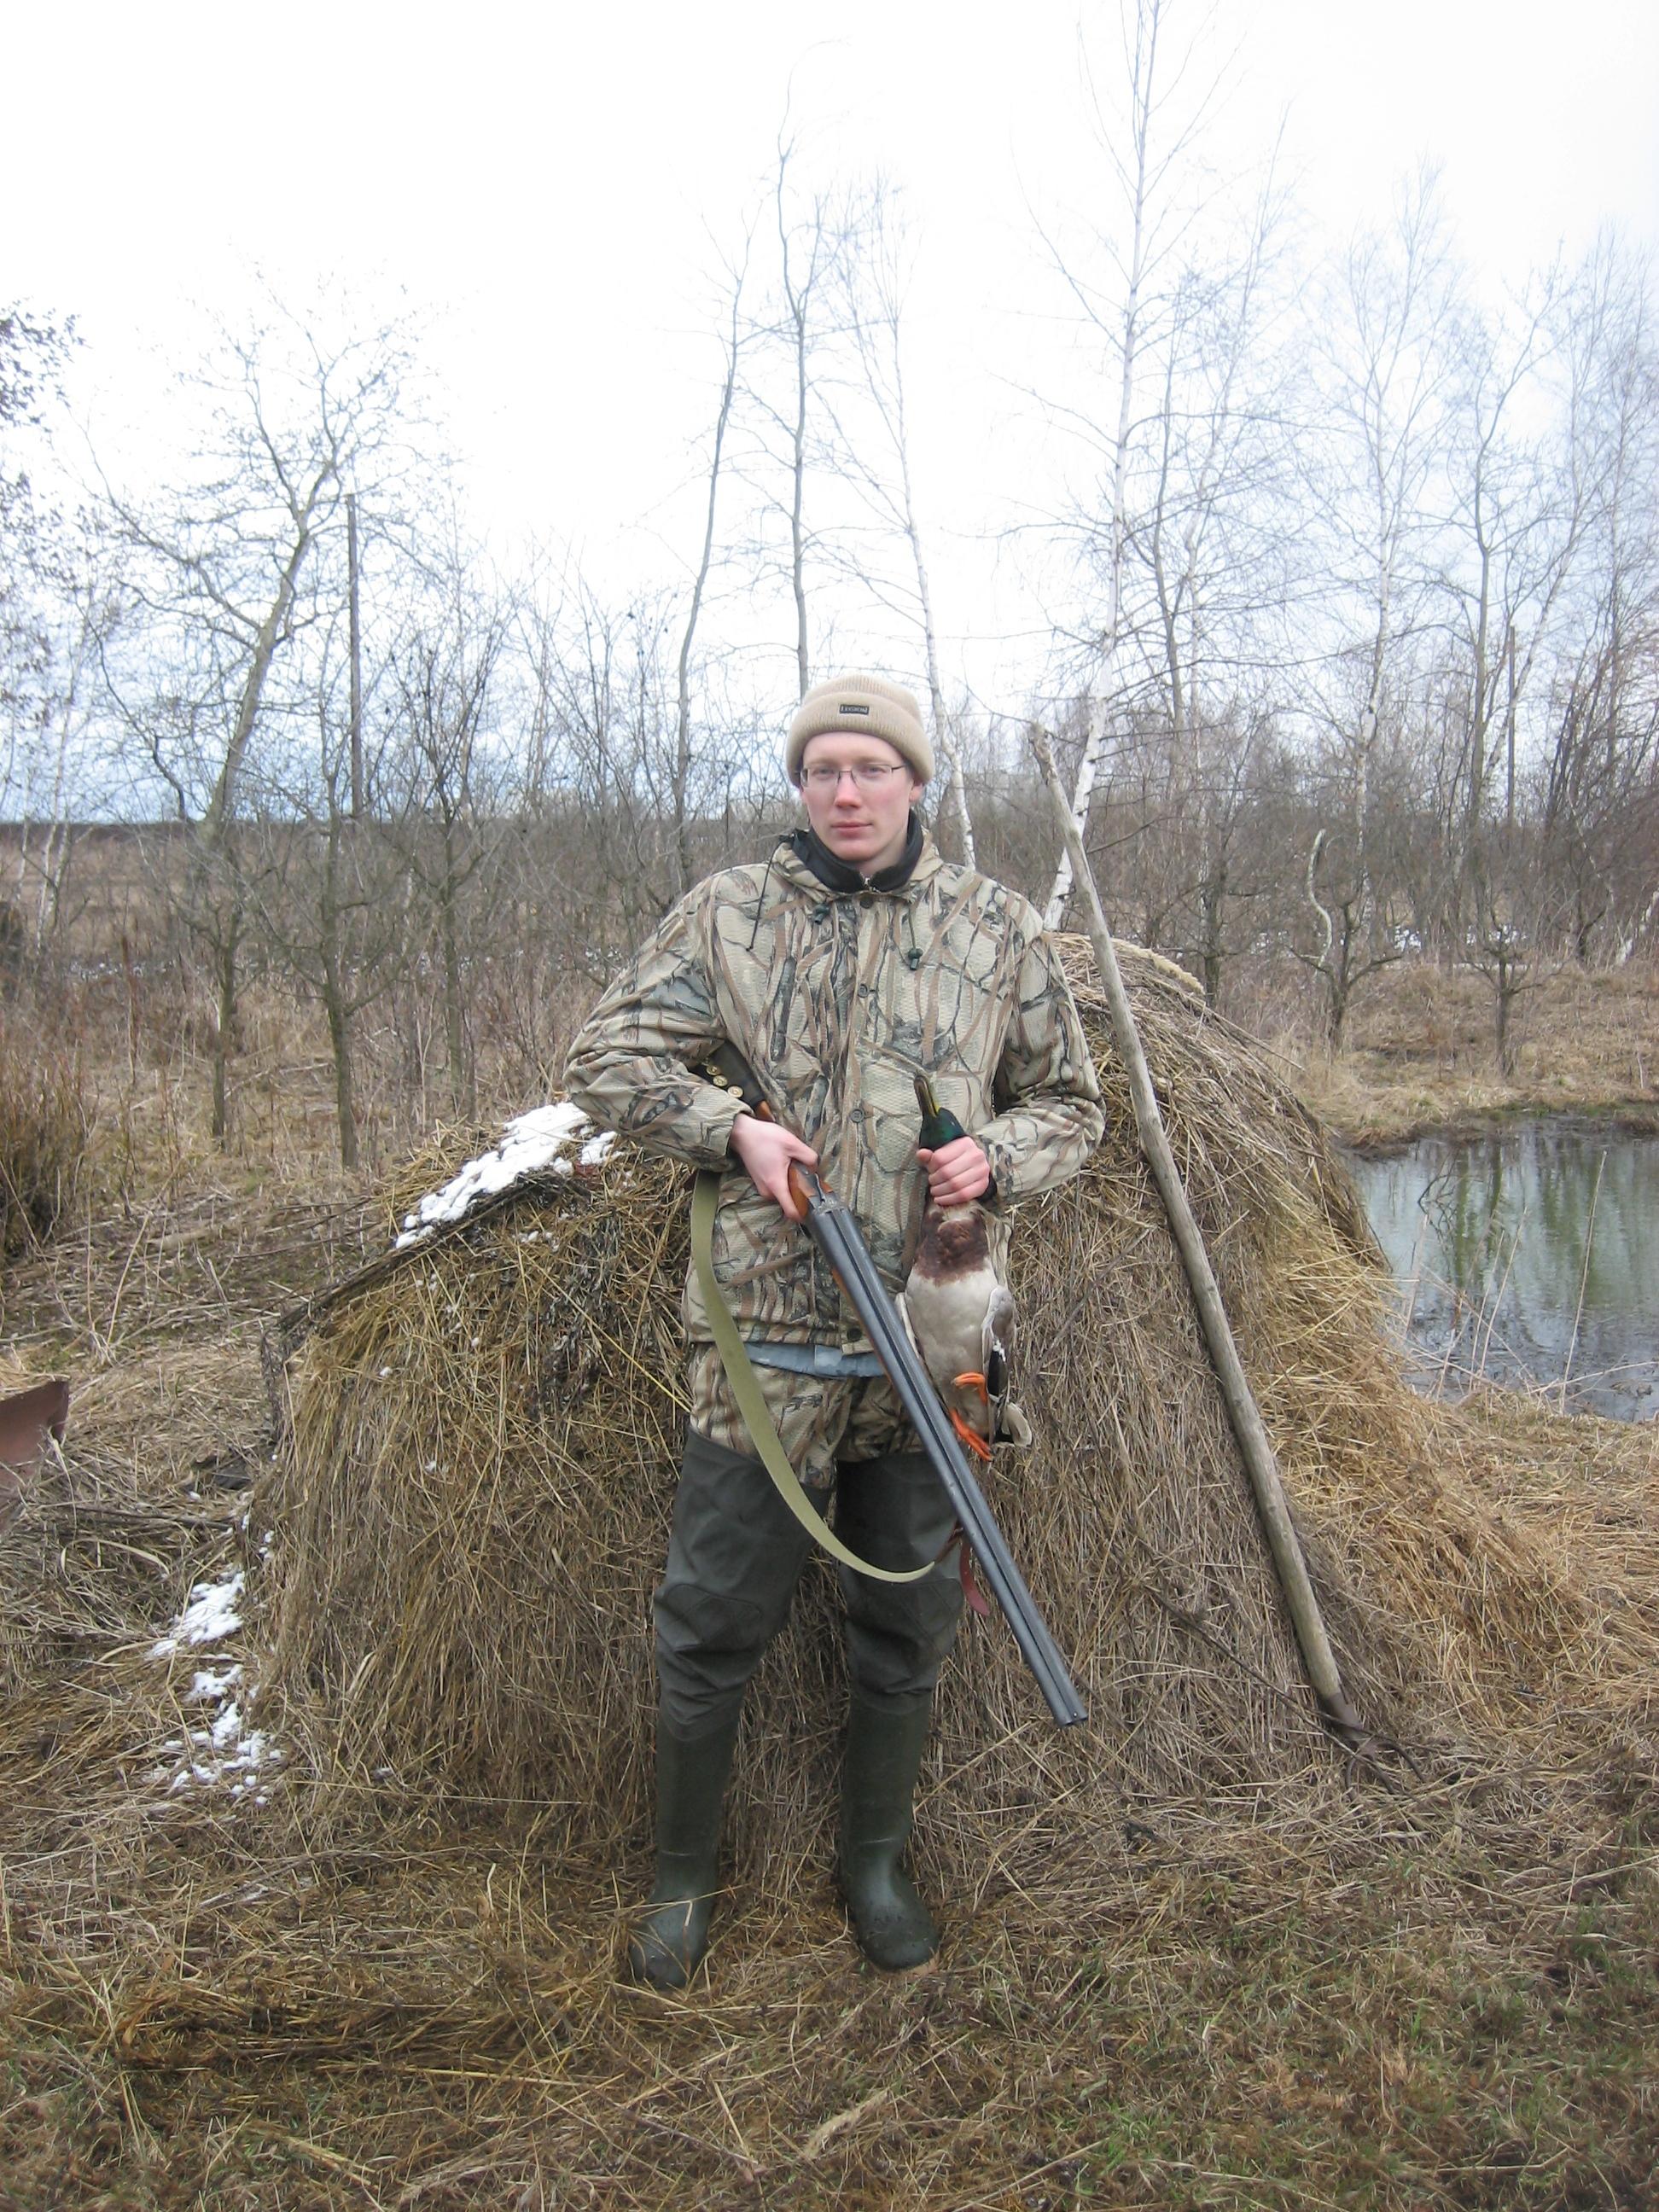 Что такое охота? небольшой очерк на данный вопрос.